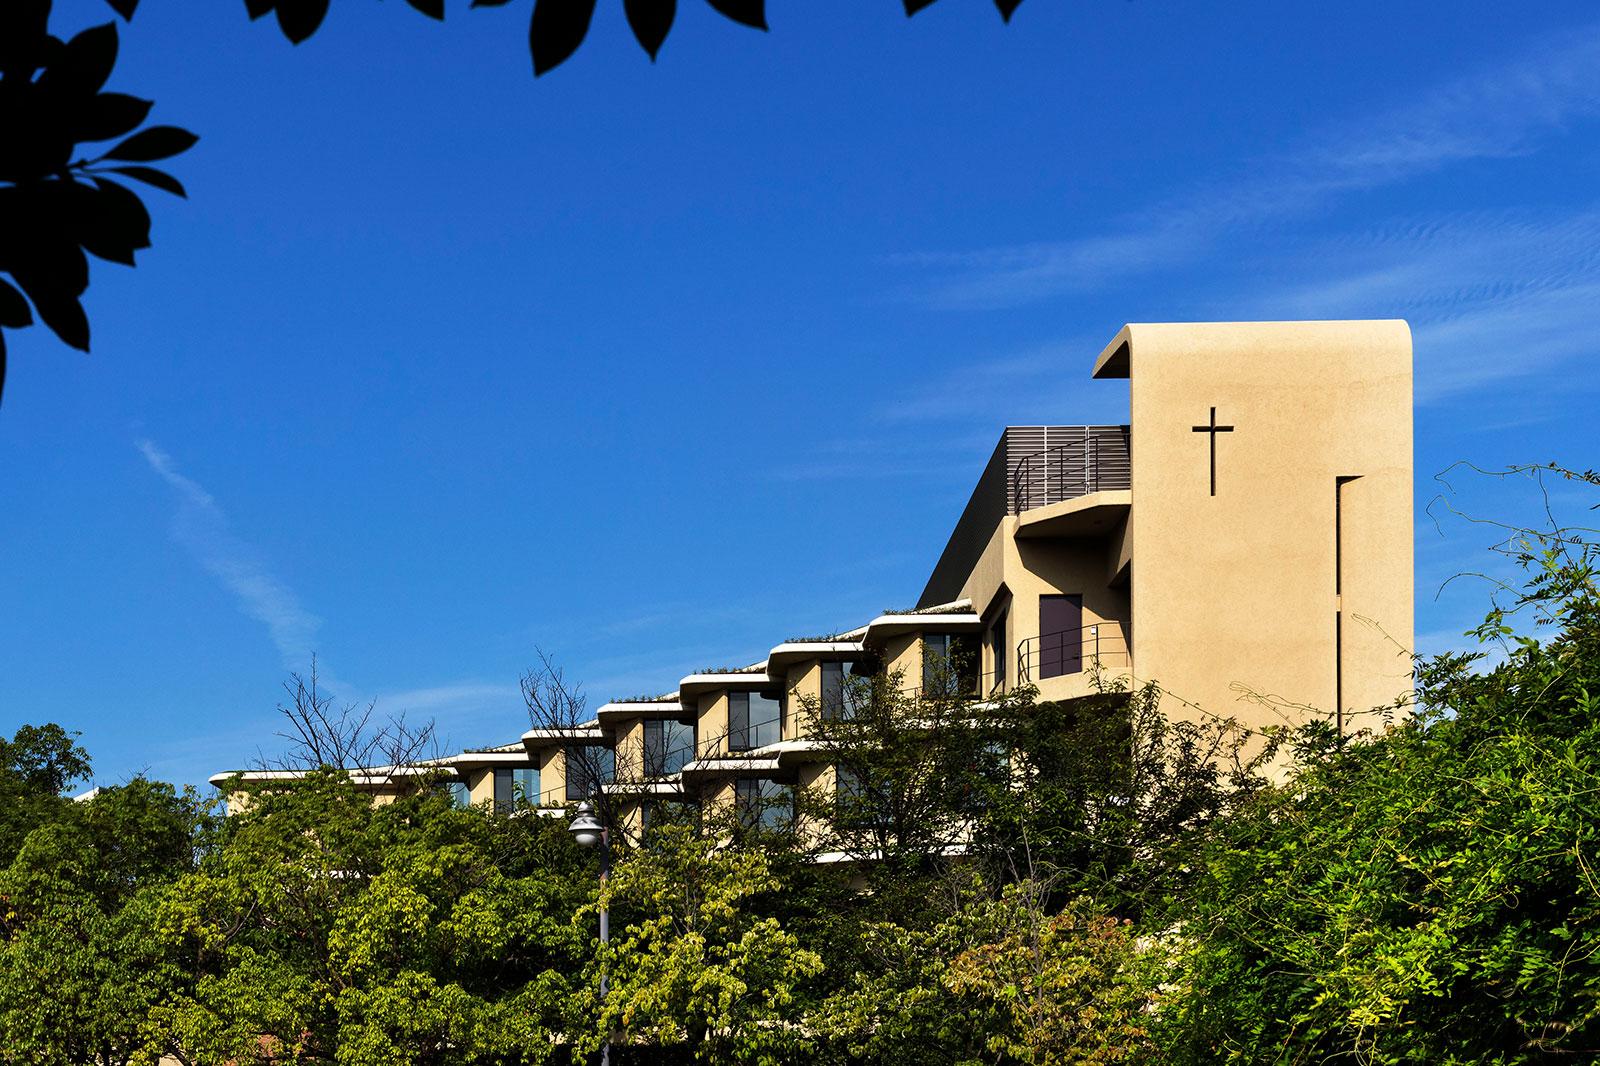 子羊の群れキリスト教会 いのちの家